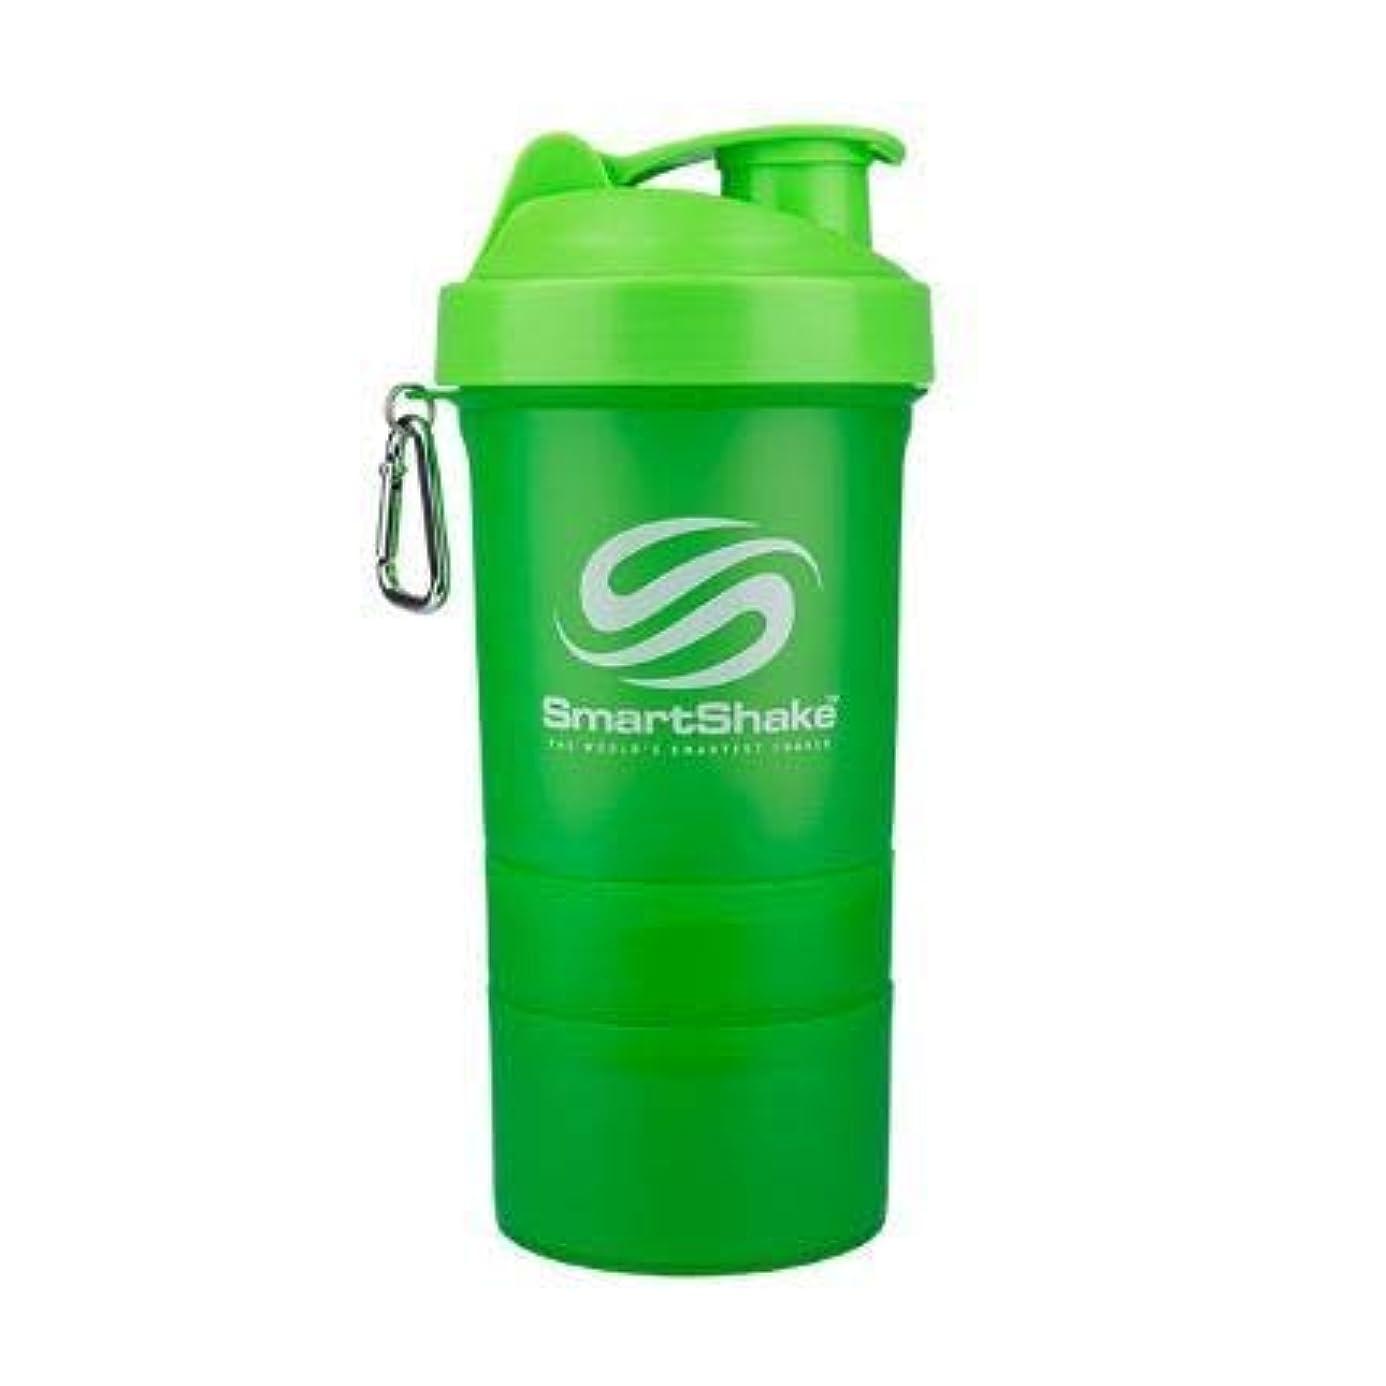 犯人スクリーチ真実Smartshake英国株式会社Smartshake Smartshakeボトル-ネオングリーン1×600ミリリットル(それ)